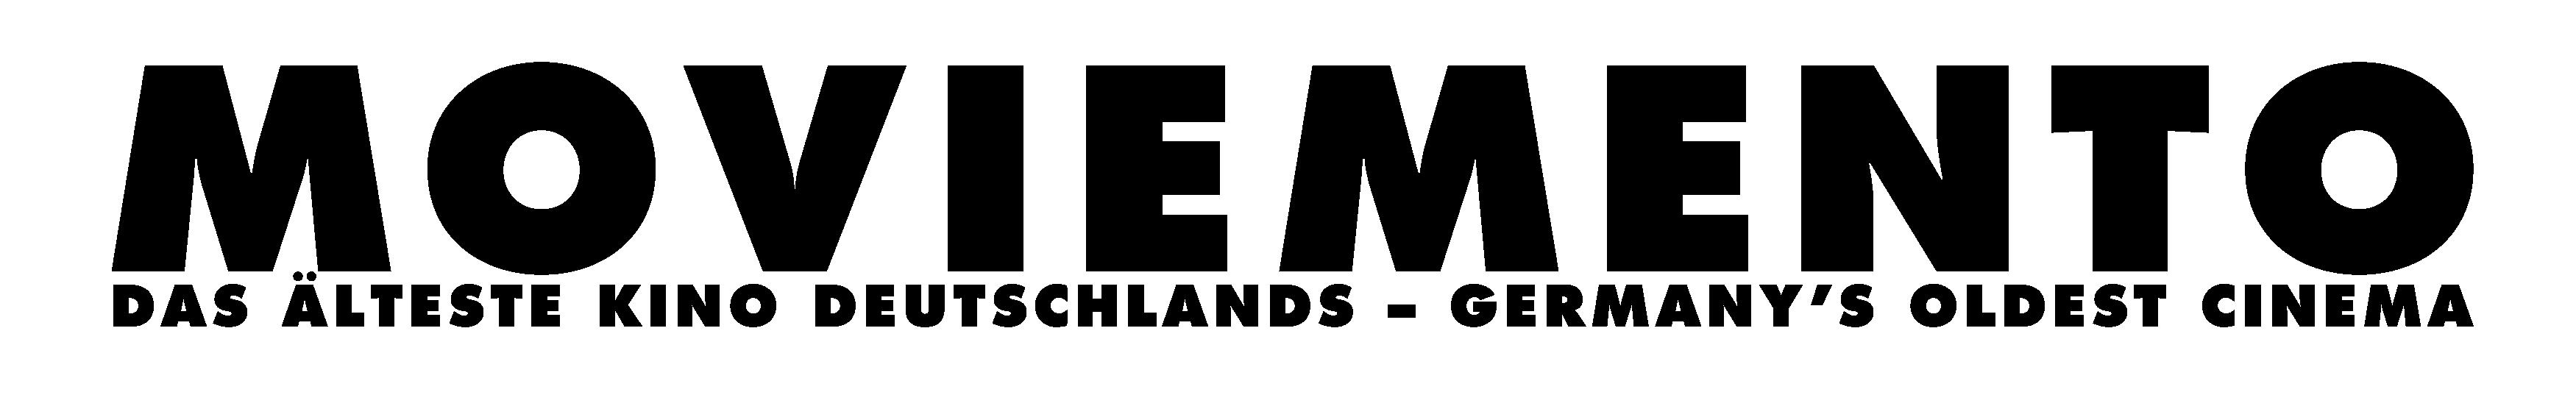 logomoviemento_schwarzauftransparent